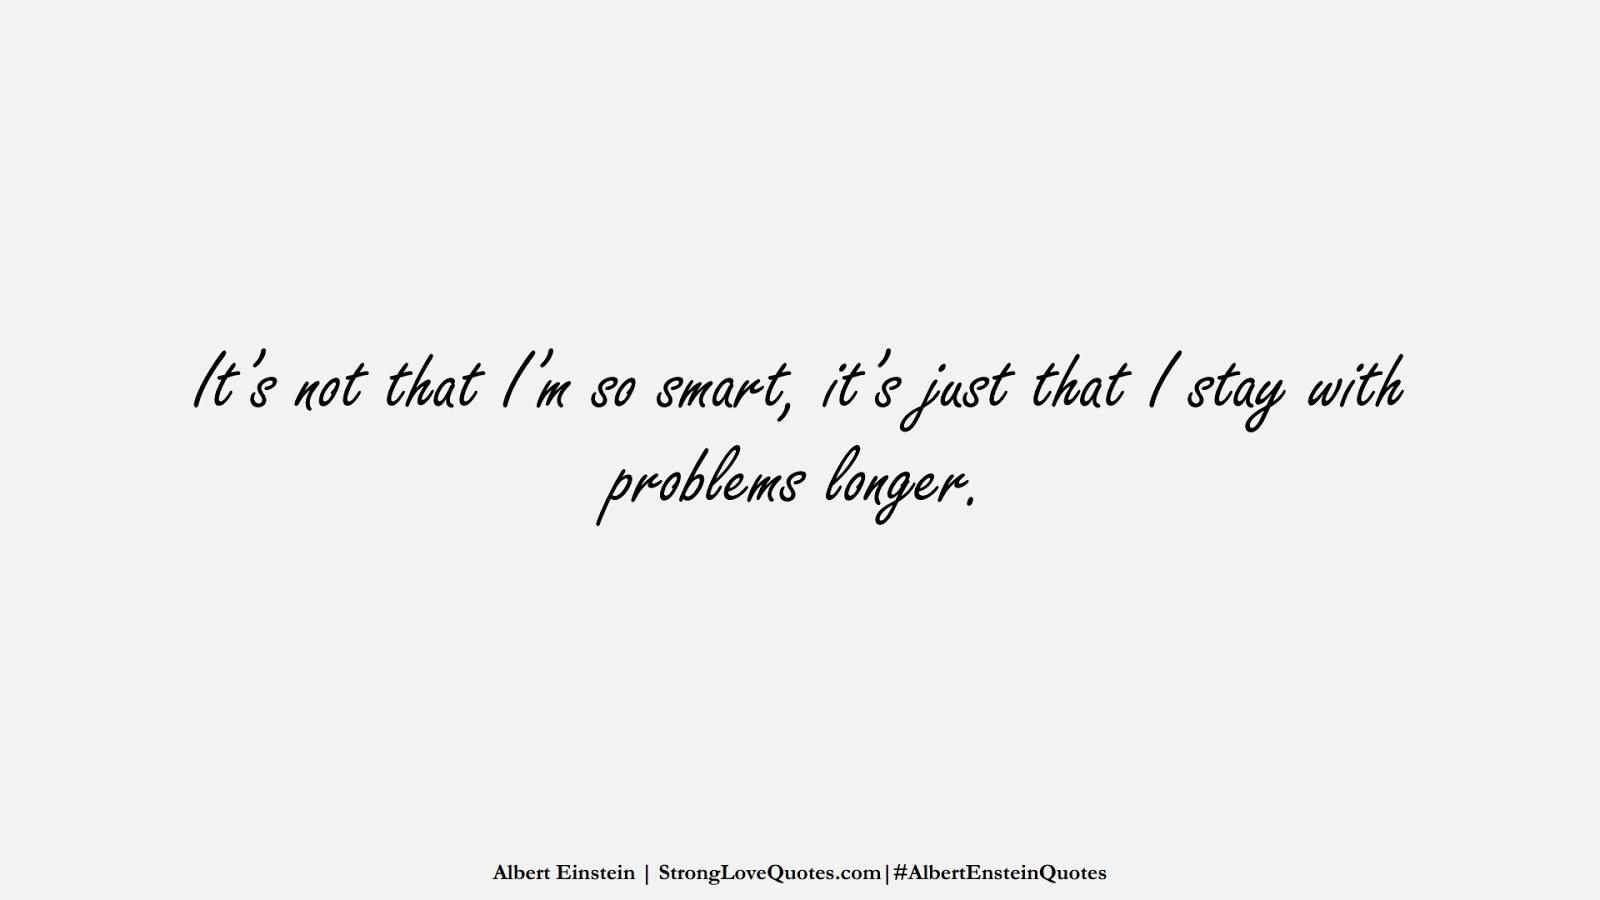 It's not that I'm so smart, it's just that I stay with problems longer. (Albert Einstein);  #AlbertEnsteinQuotes